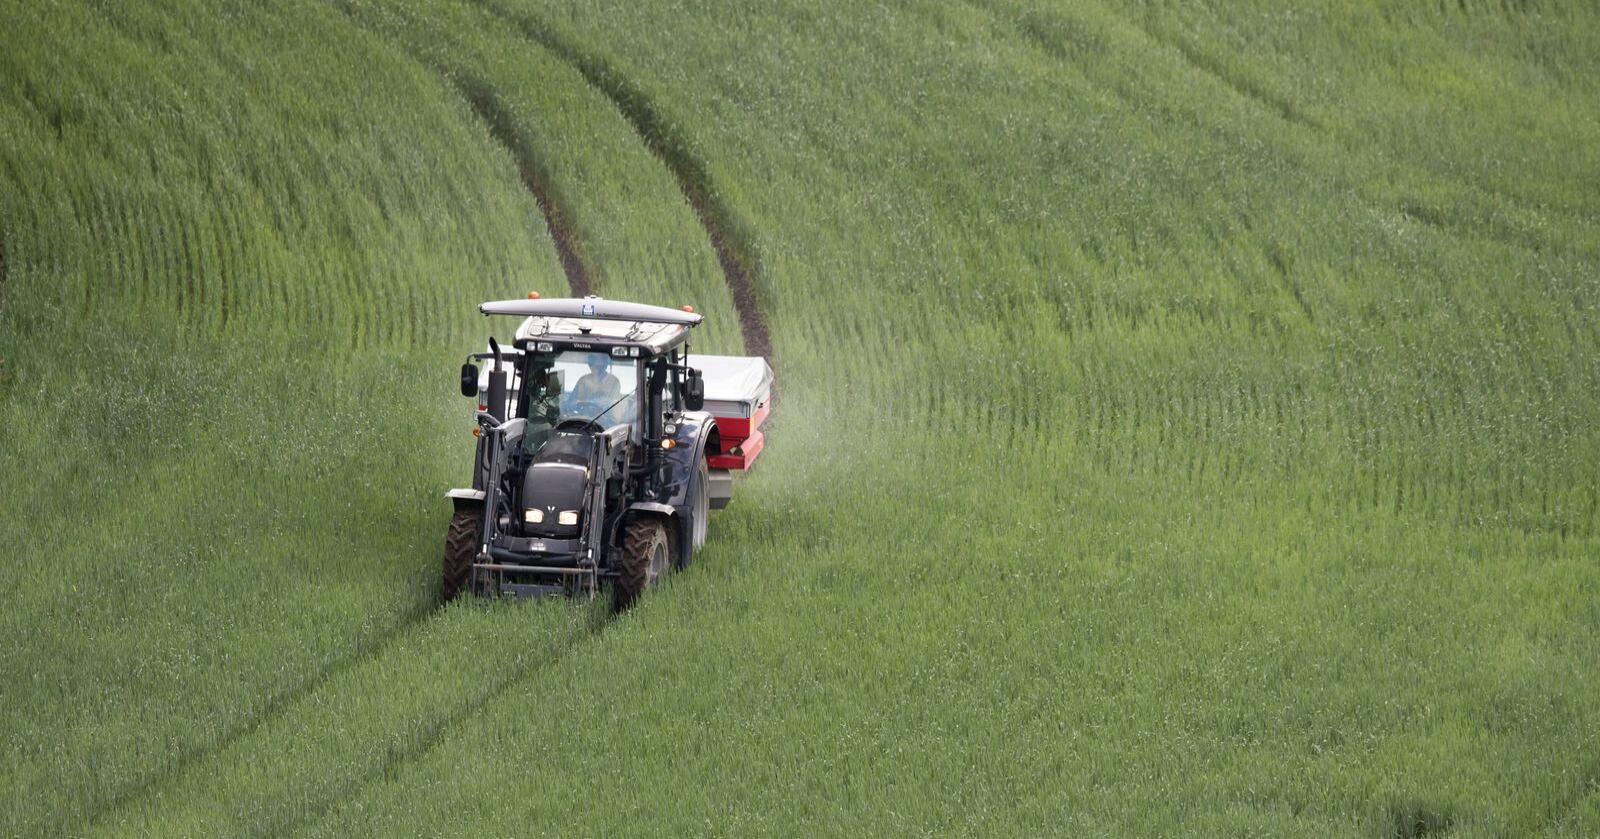 Økte gjødselpriser har ført til at det blir tilleggsforhandlinger mellom staten og jordbruket. Foto: Terje Bendiksby / NTB